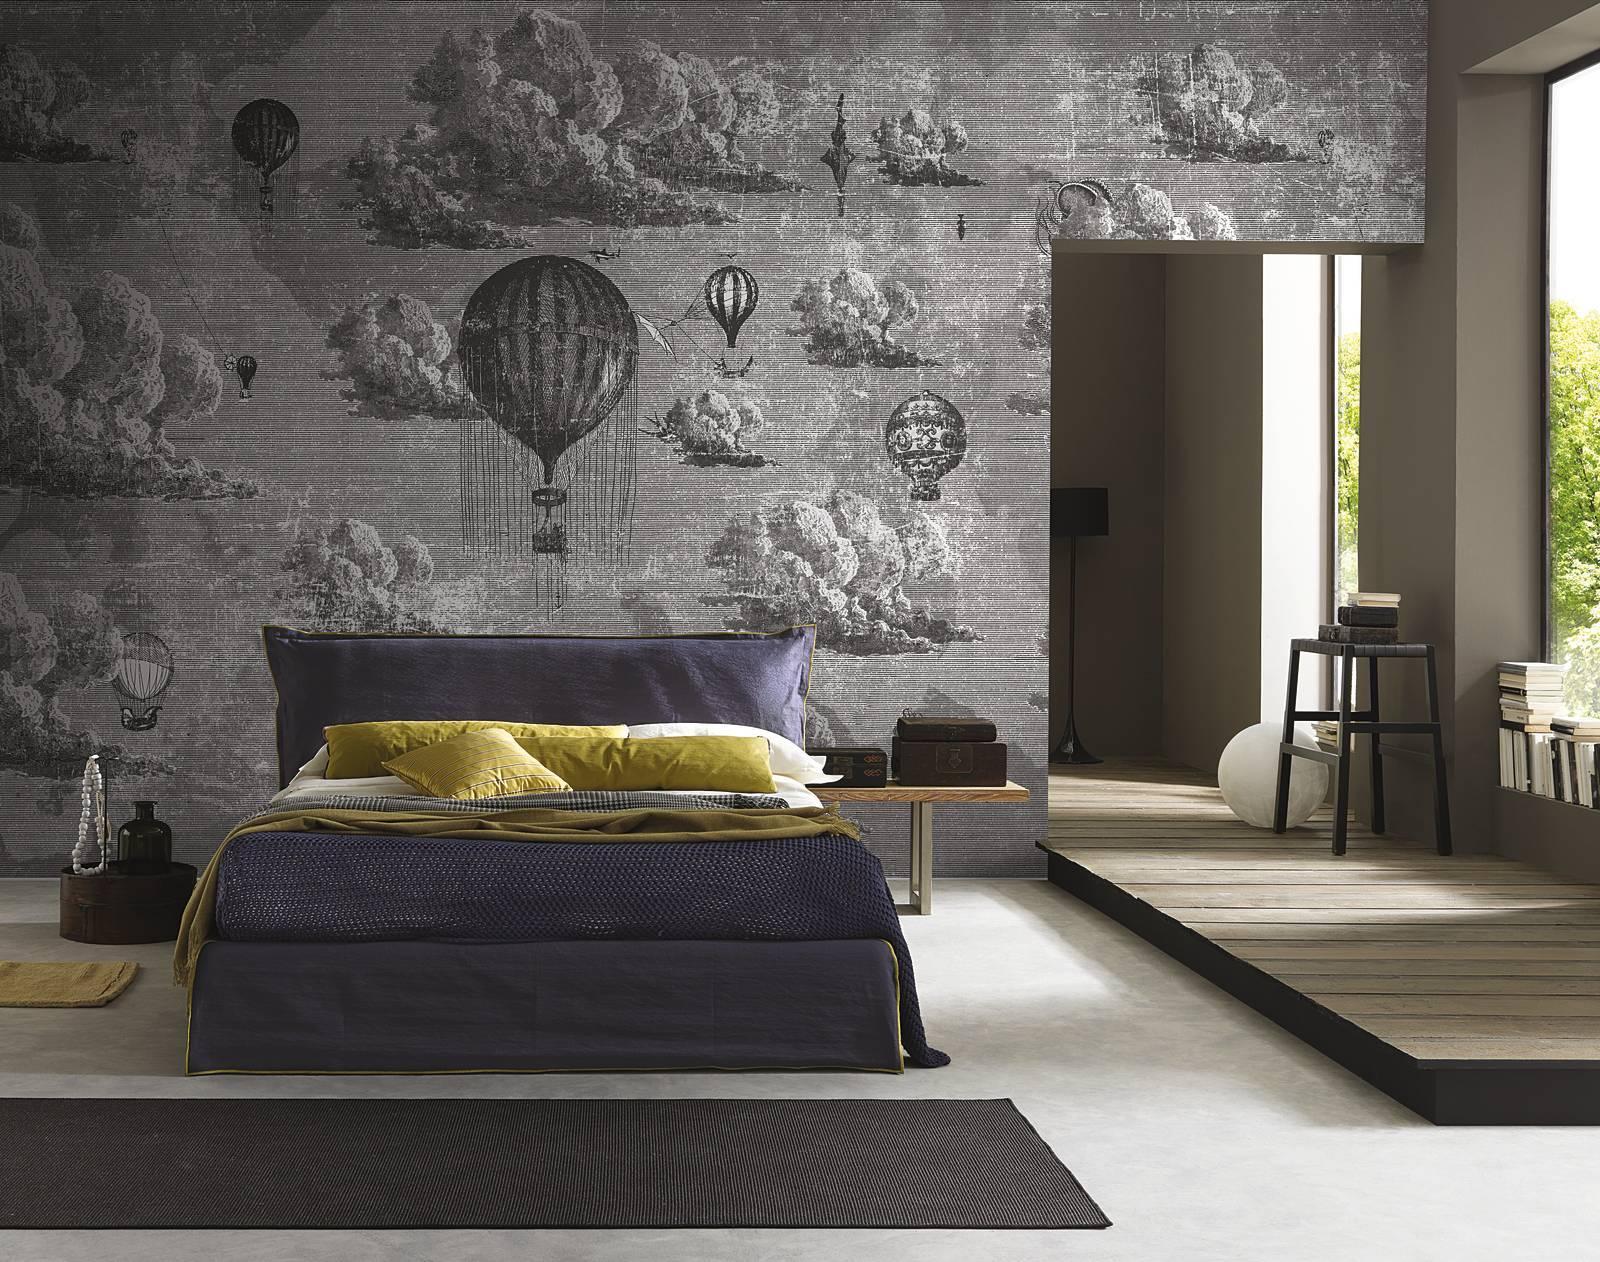 Carta da parati per camere da letto ecco quale scegliere for Carta da parati muro